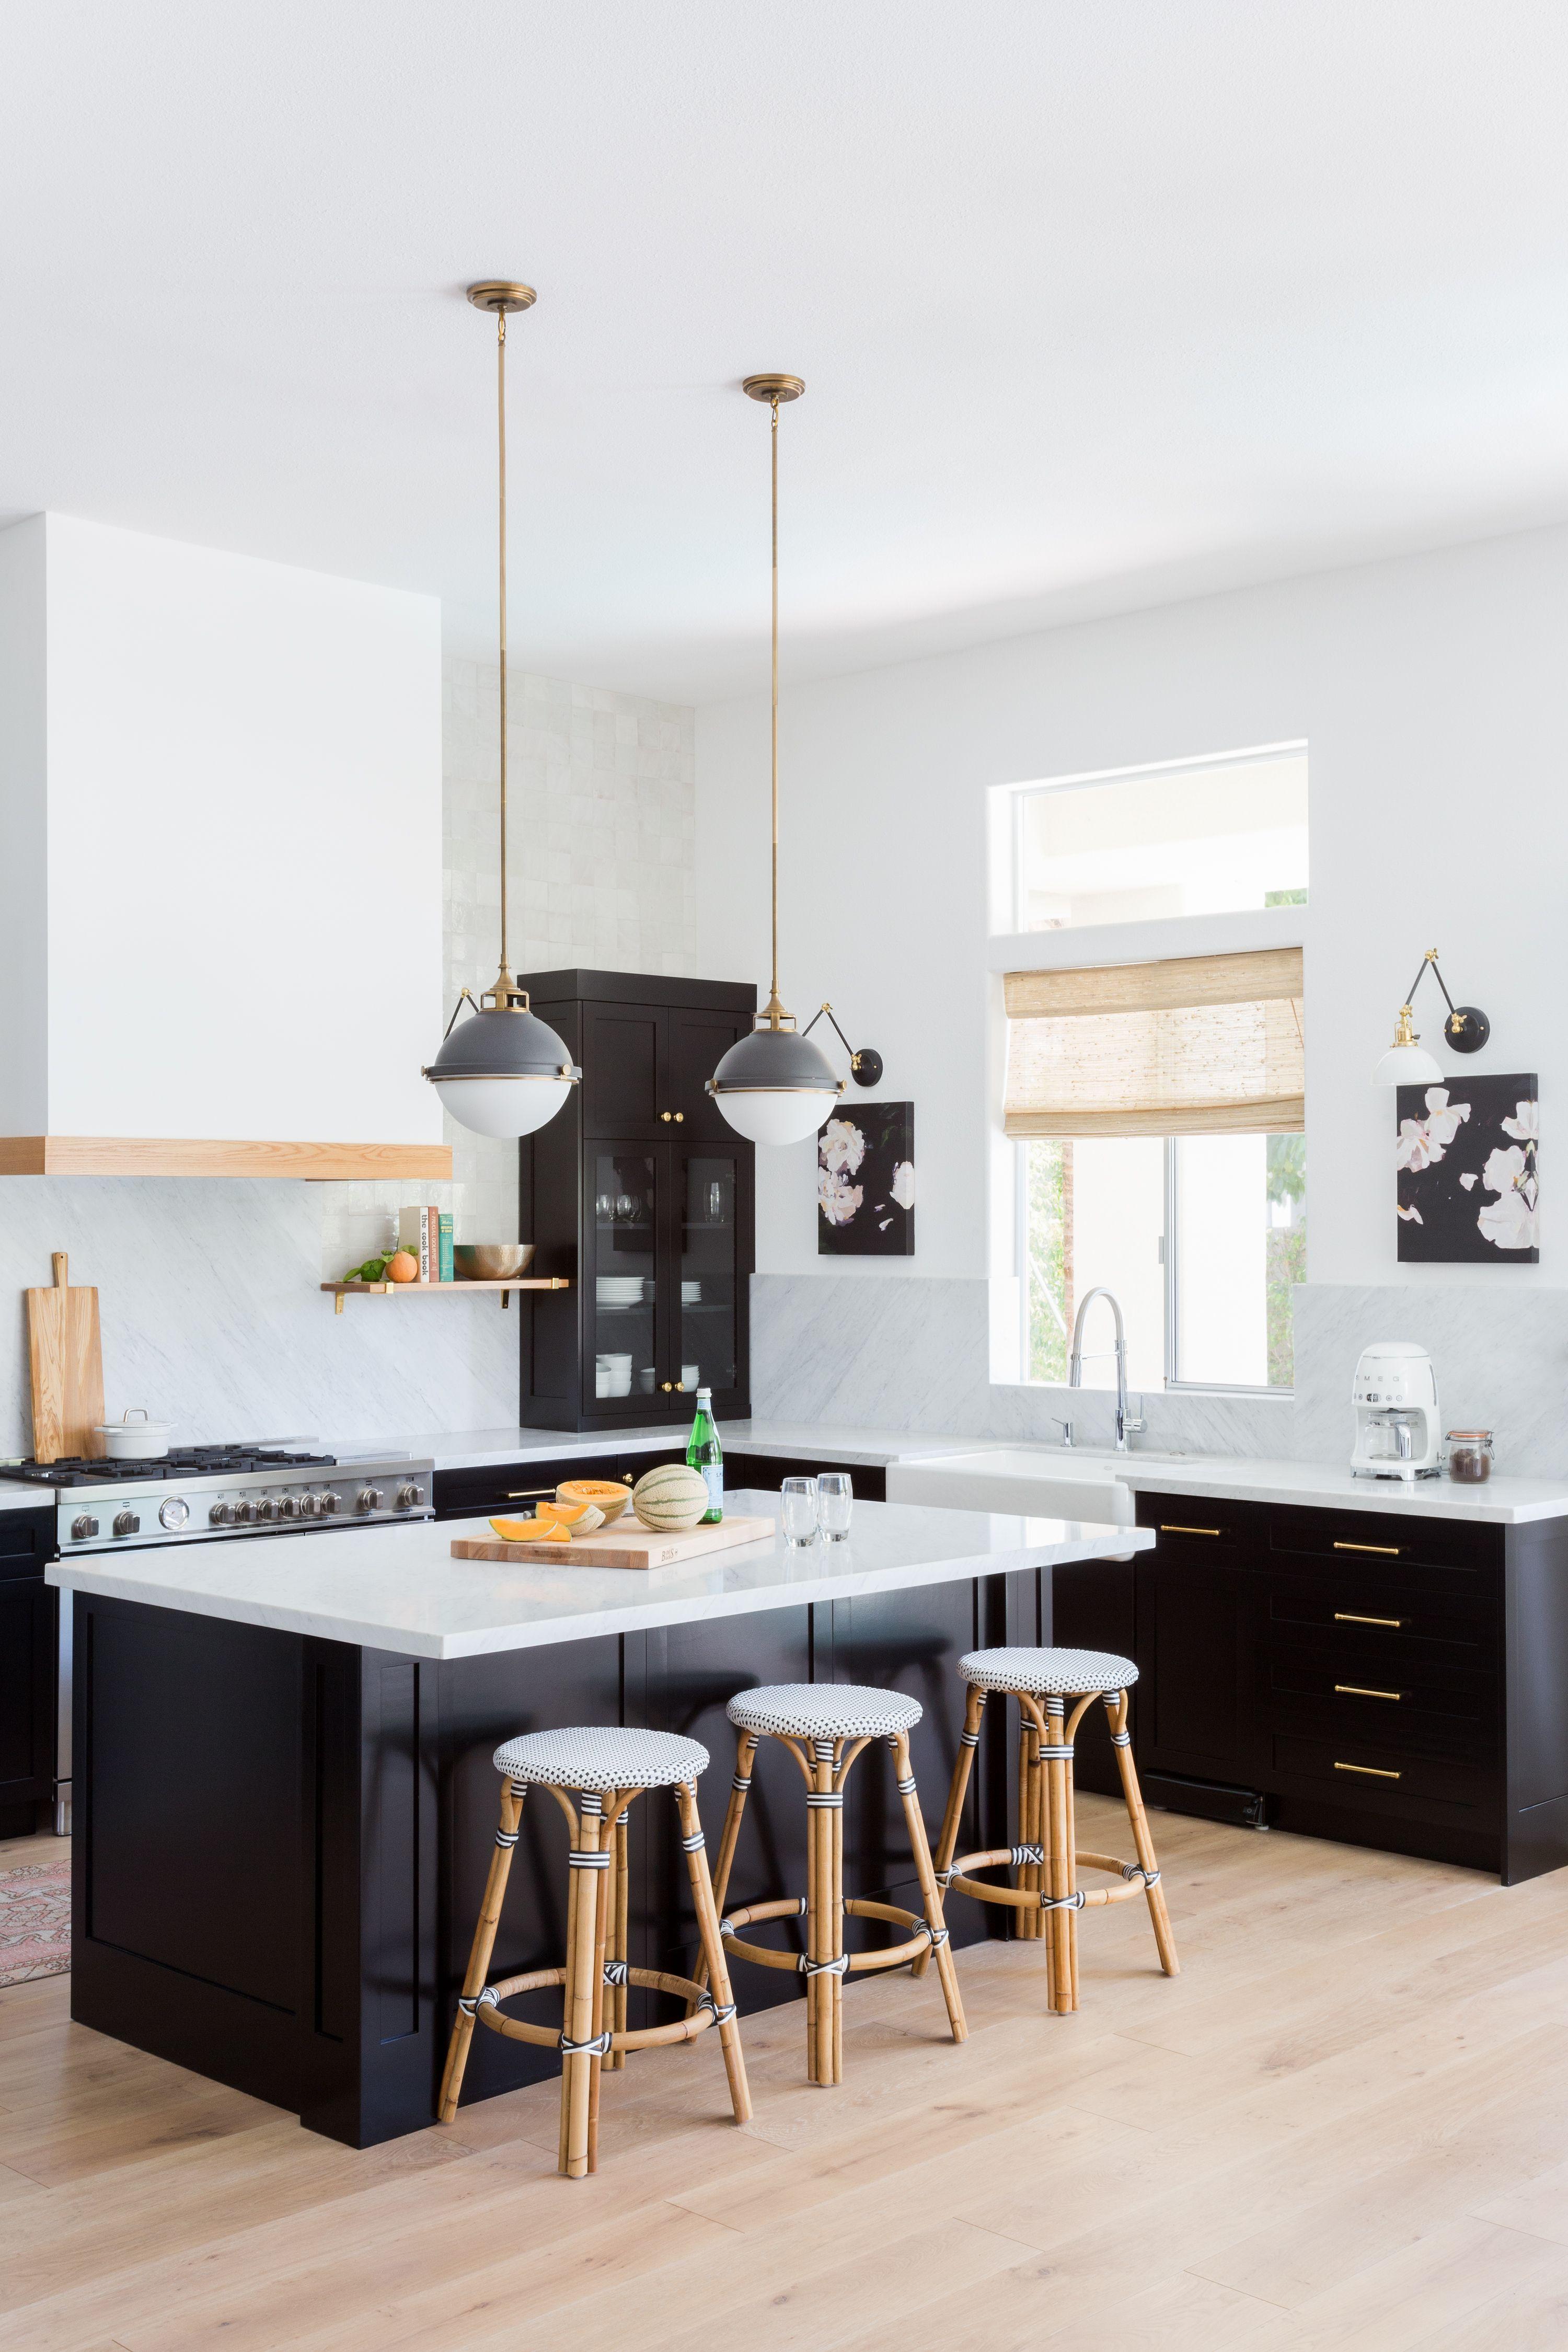 J Kurtz Design S Indian Wells California Kitchen In 2020 Painting Kitchen Cabinets Kitchen Renovation Modern Kitchen Design